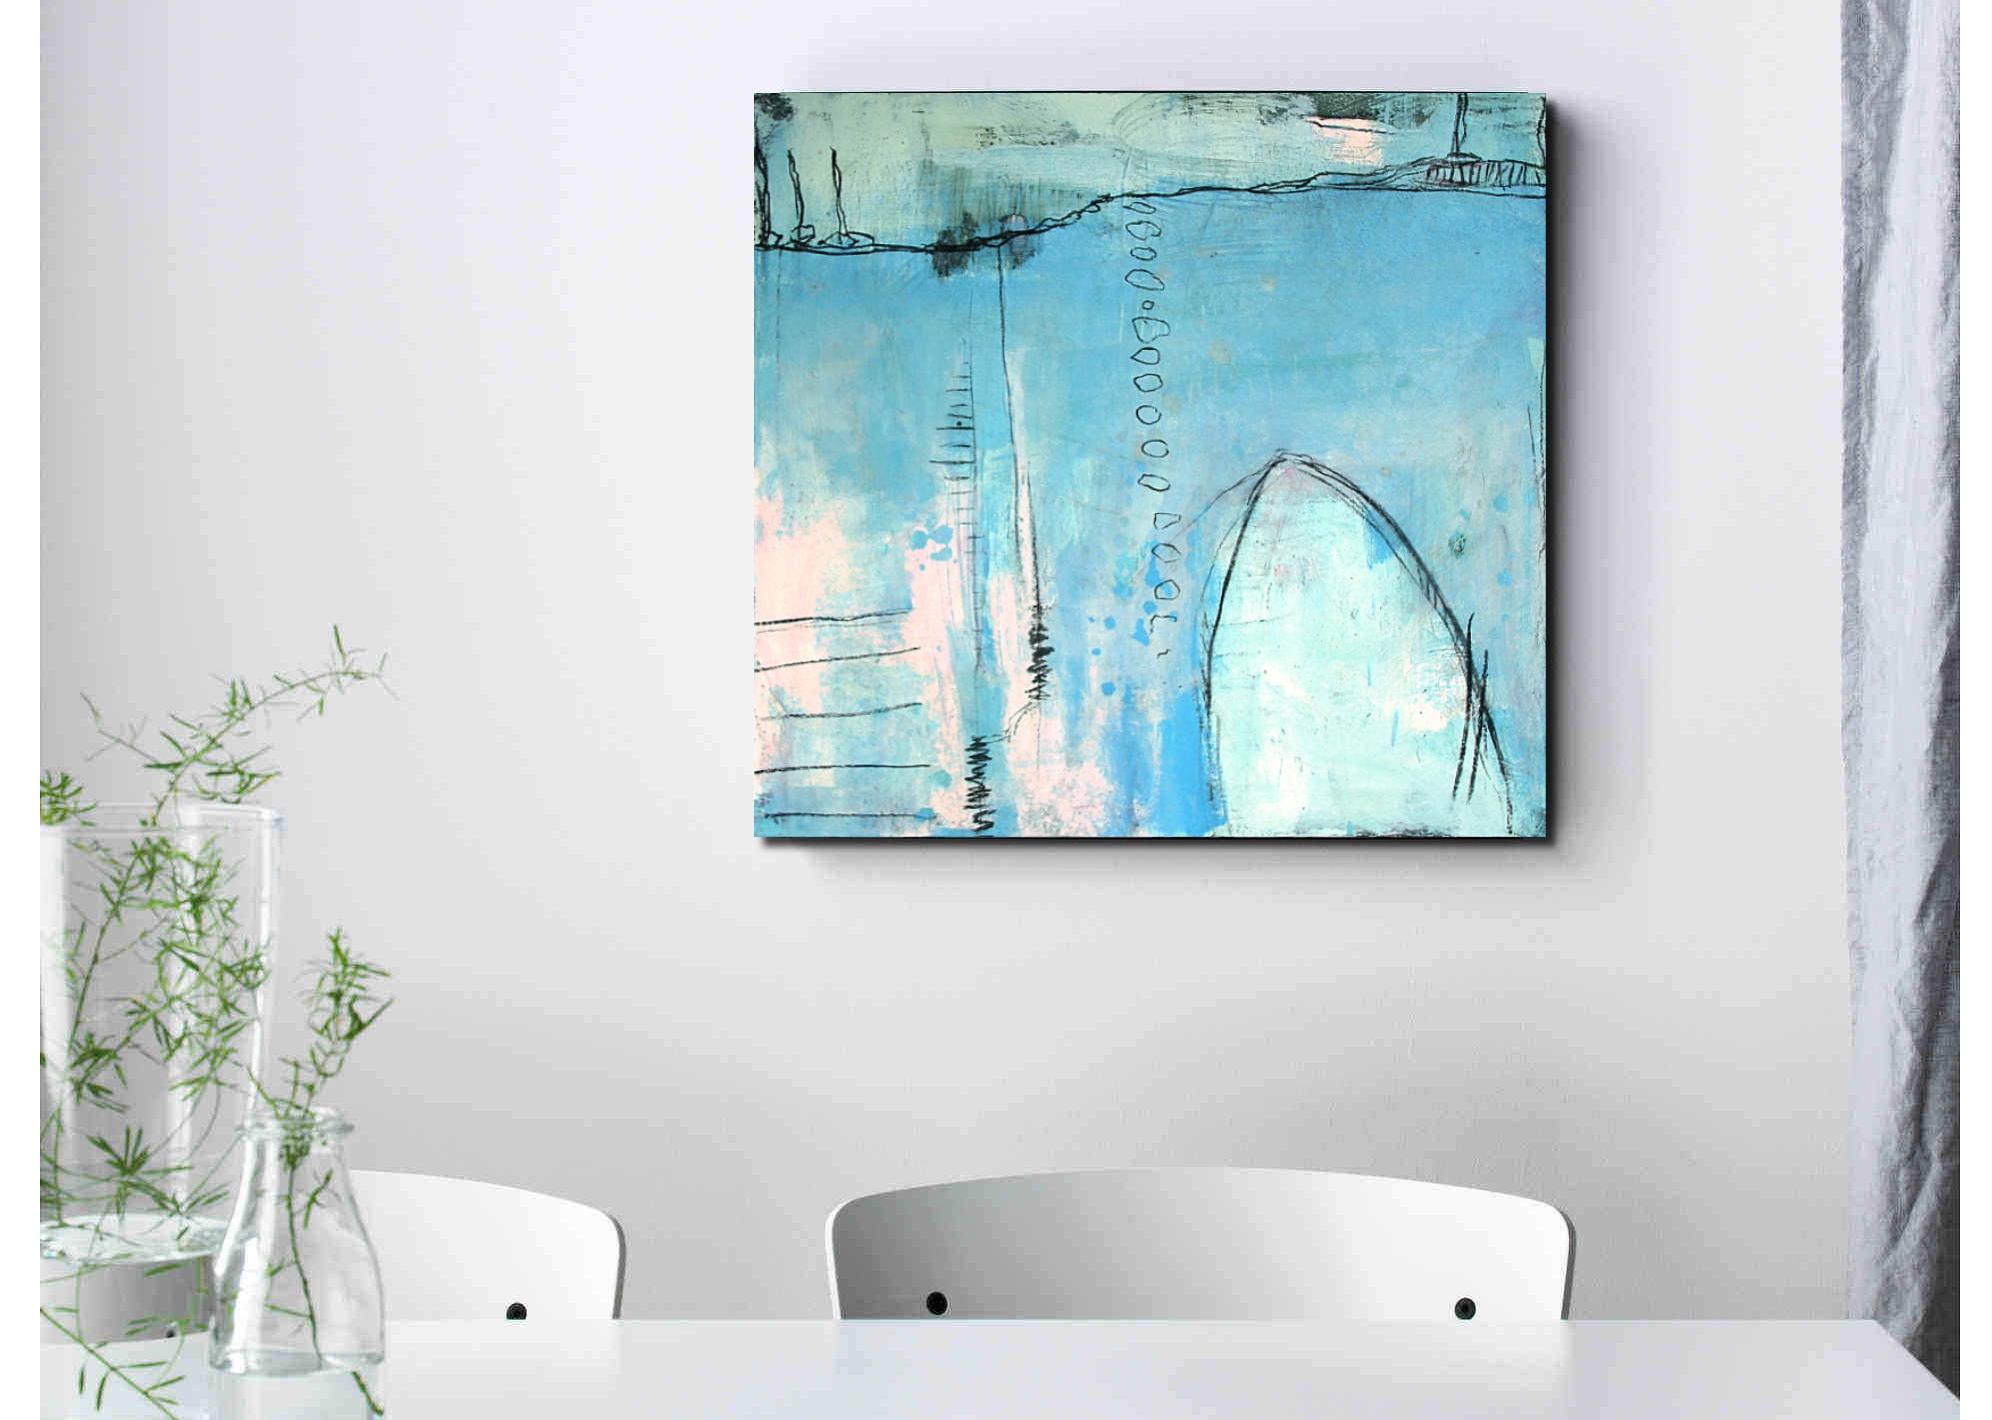 Blaues Bild Hafenlandschaft im Raum